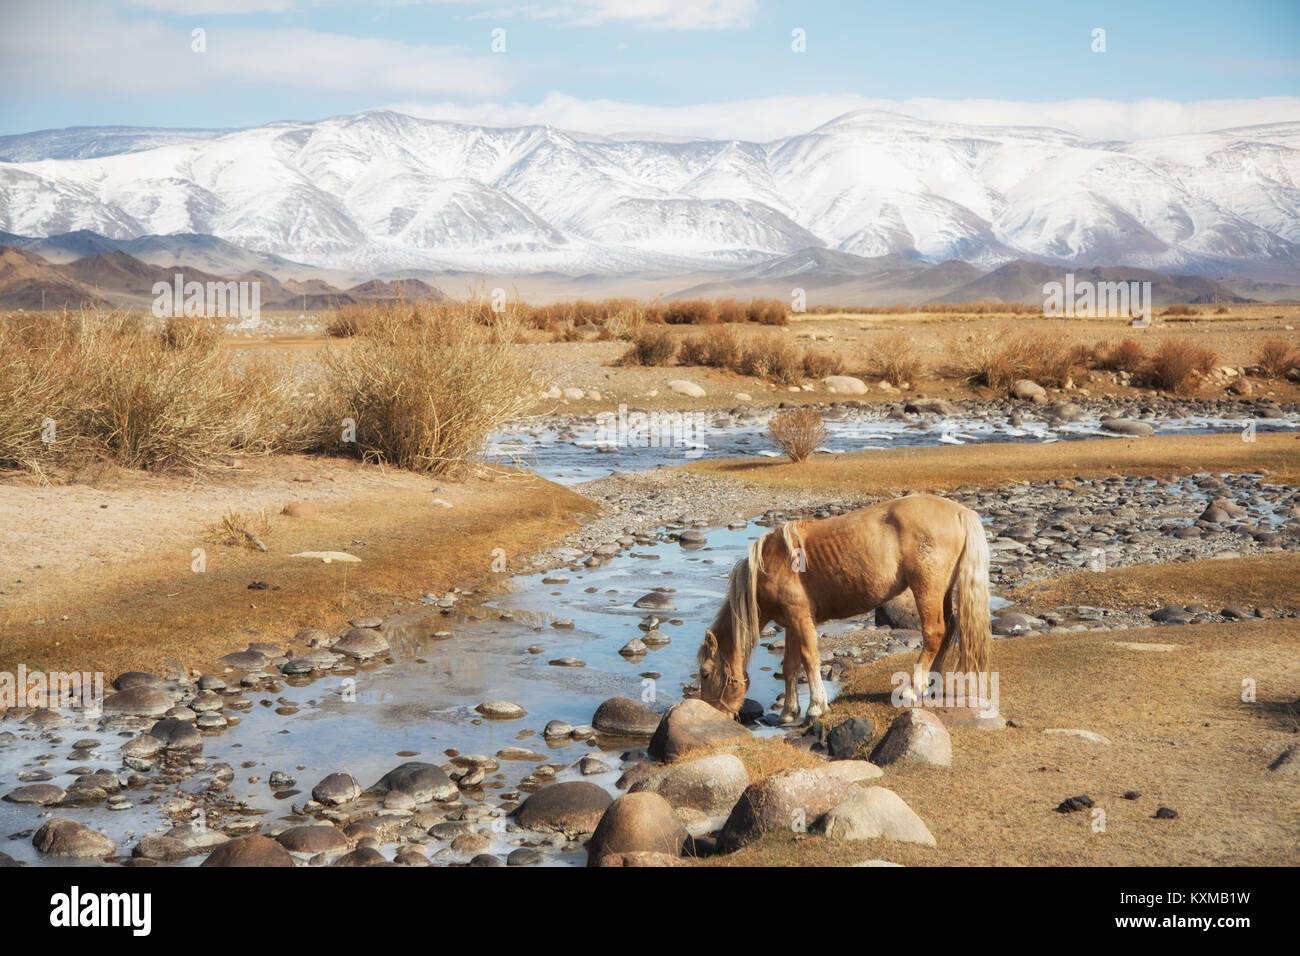 Mongolische Blondine Pferd trinken vom Fluss der Mongolei Steppen Wiesen Snowy Mountains winter Stockbild